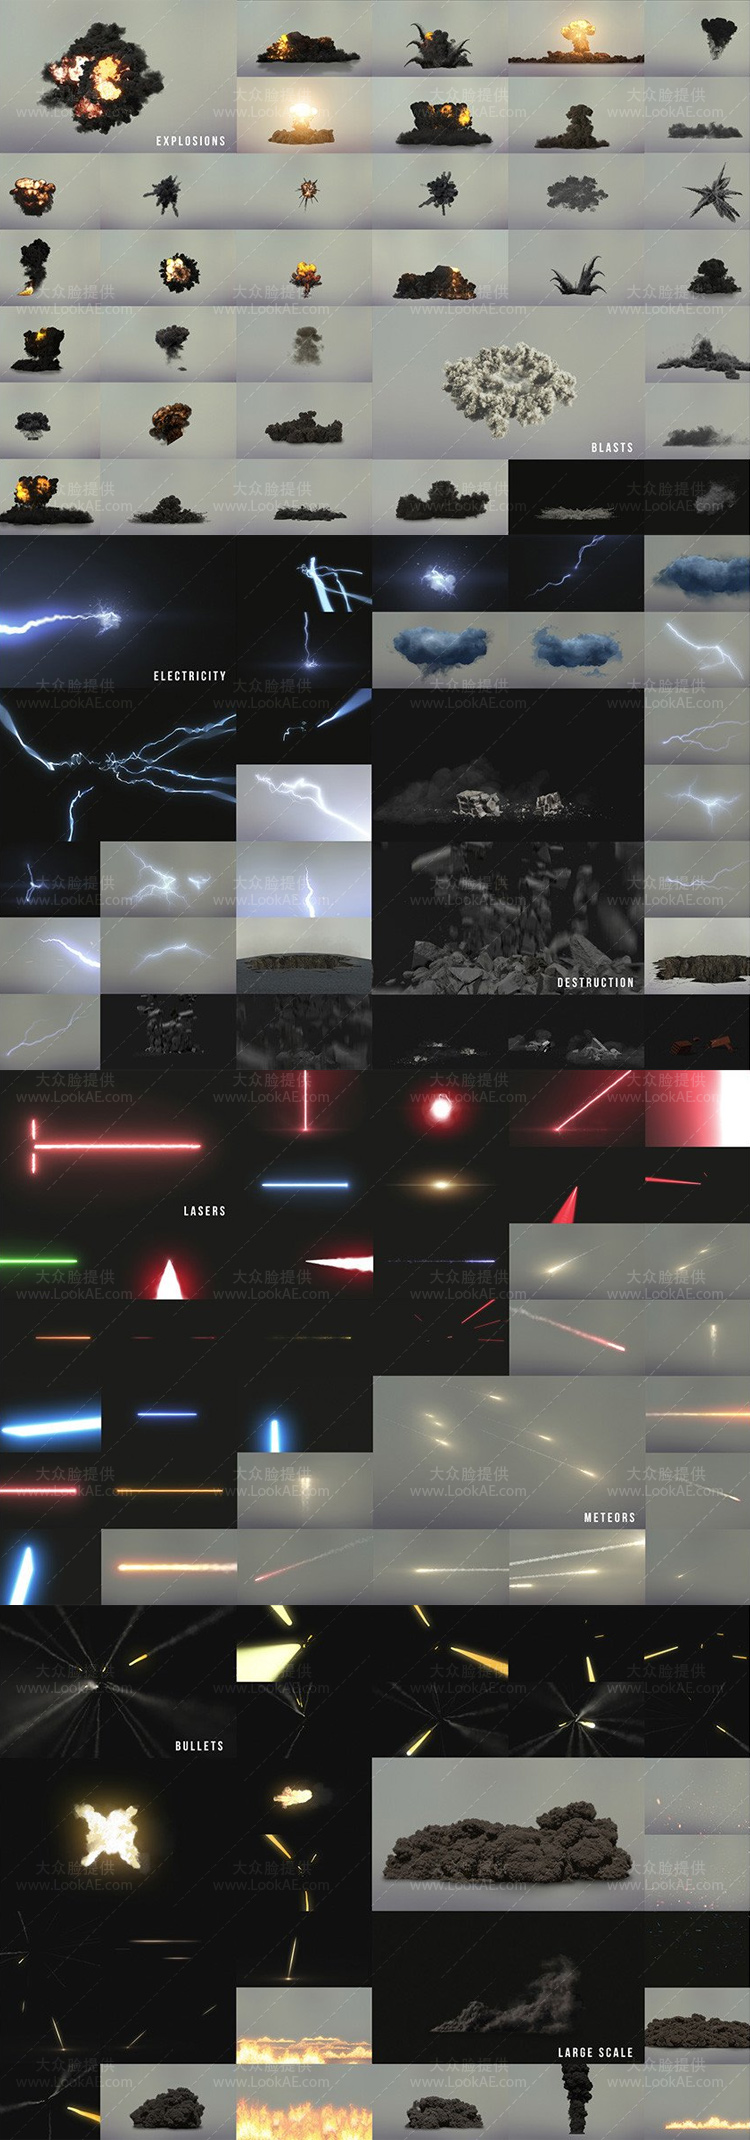 视频素材-184个爆炸坍塌火焰烟雾流星闪电电流特效合成视频素材 有透明通道 视频素材-第2张